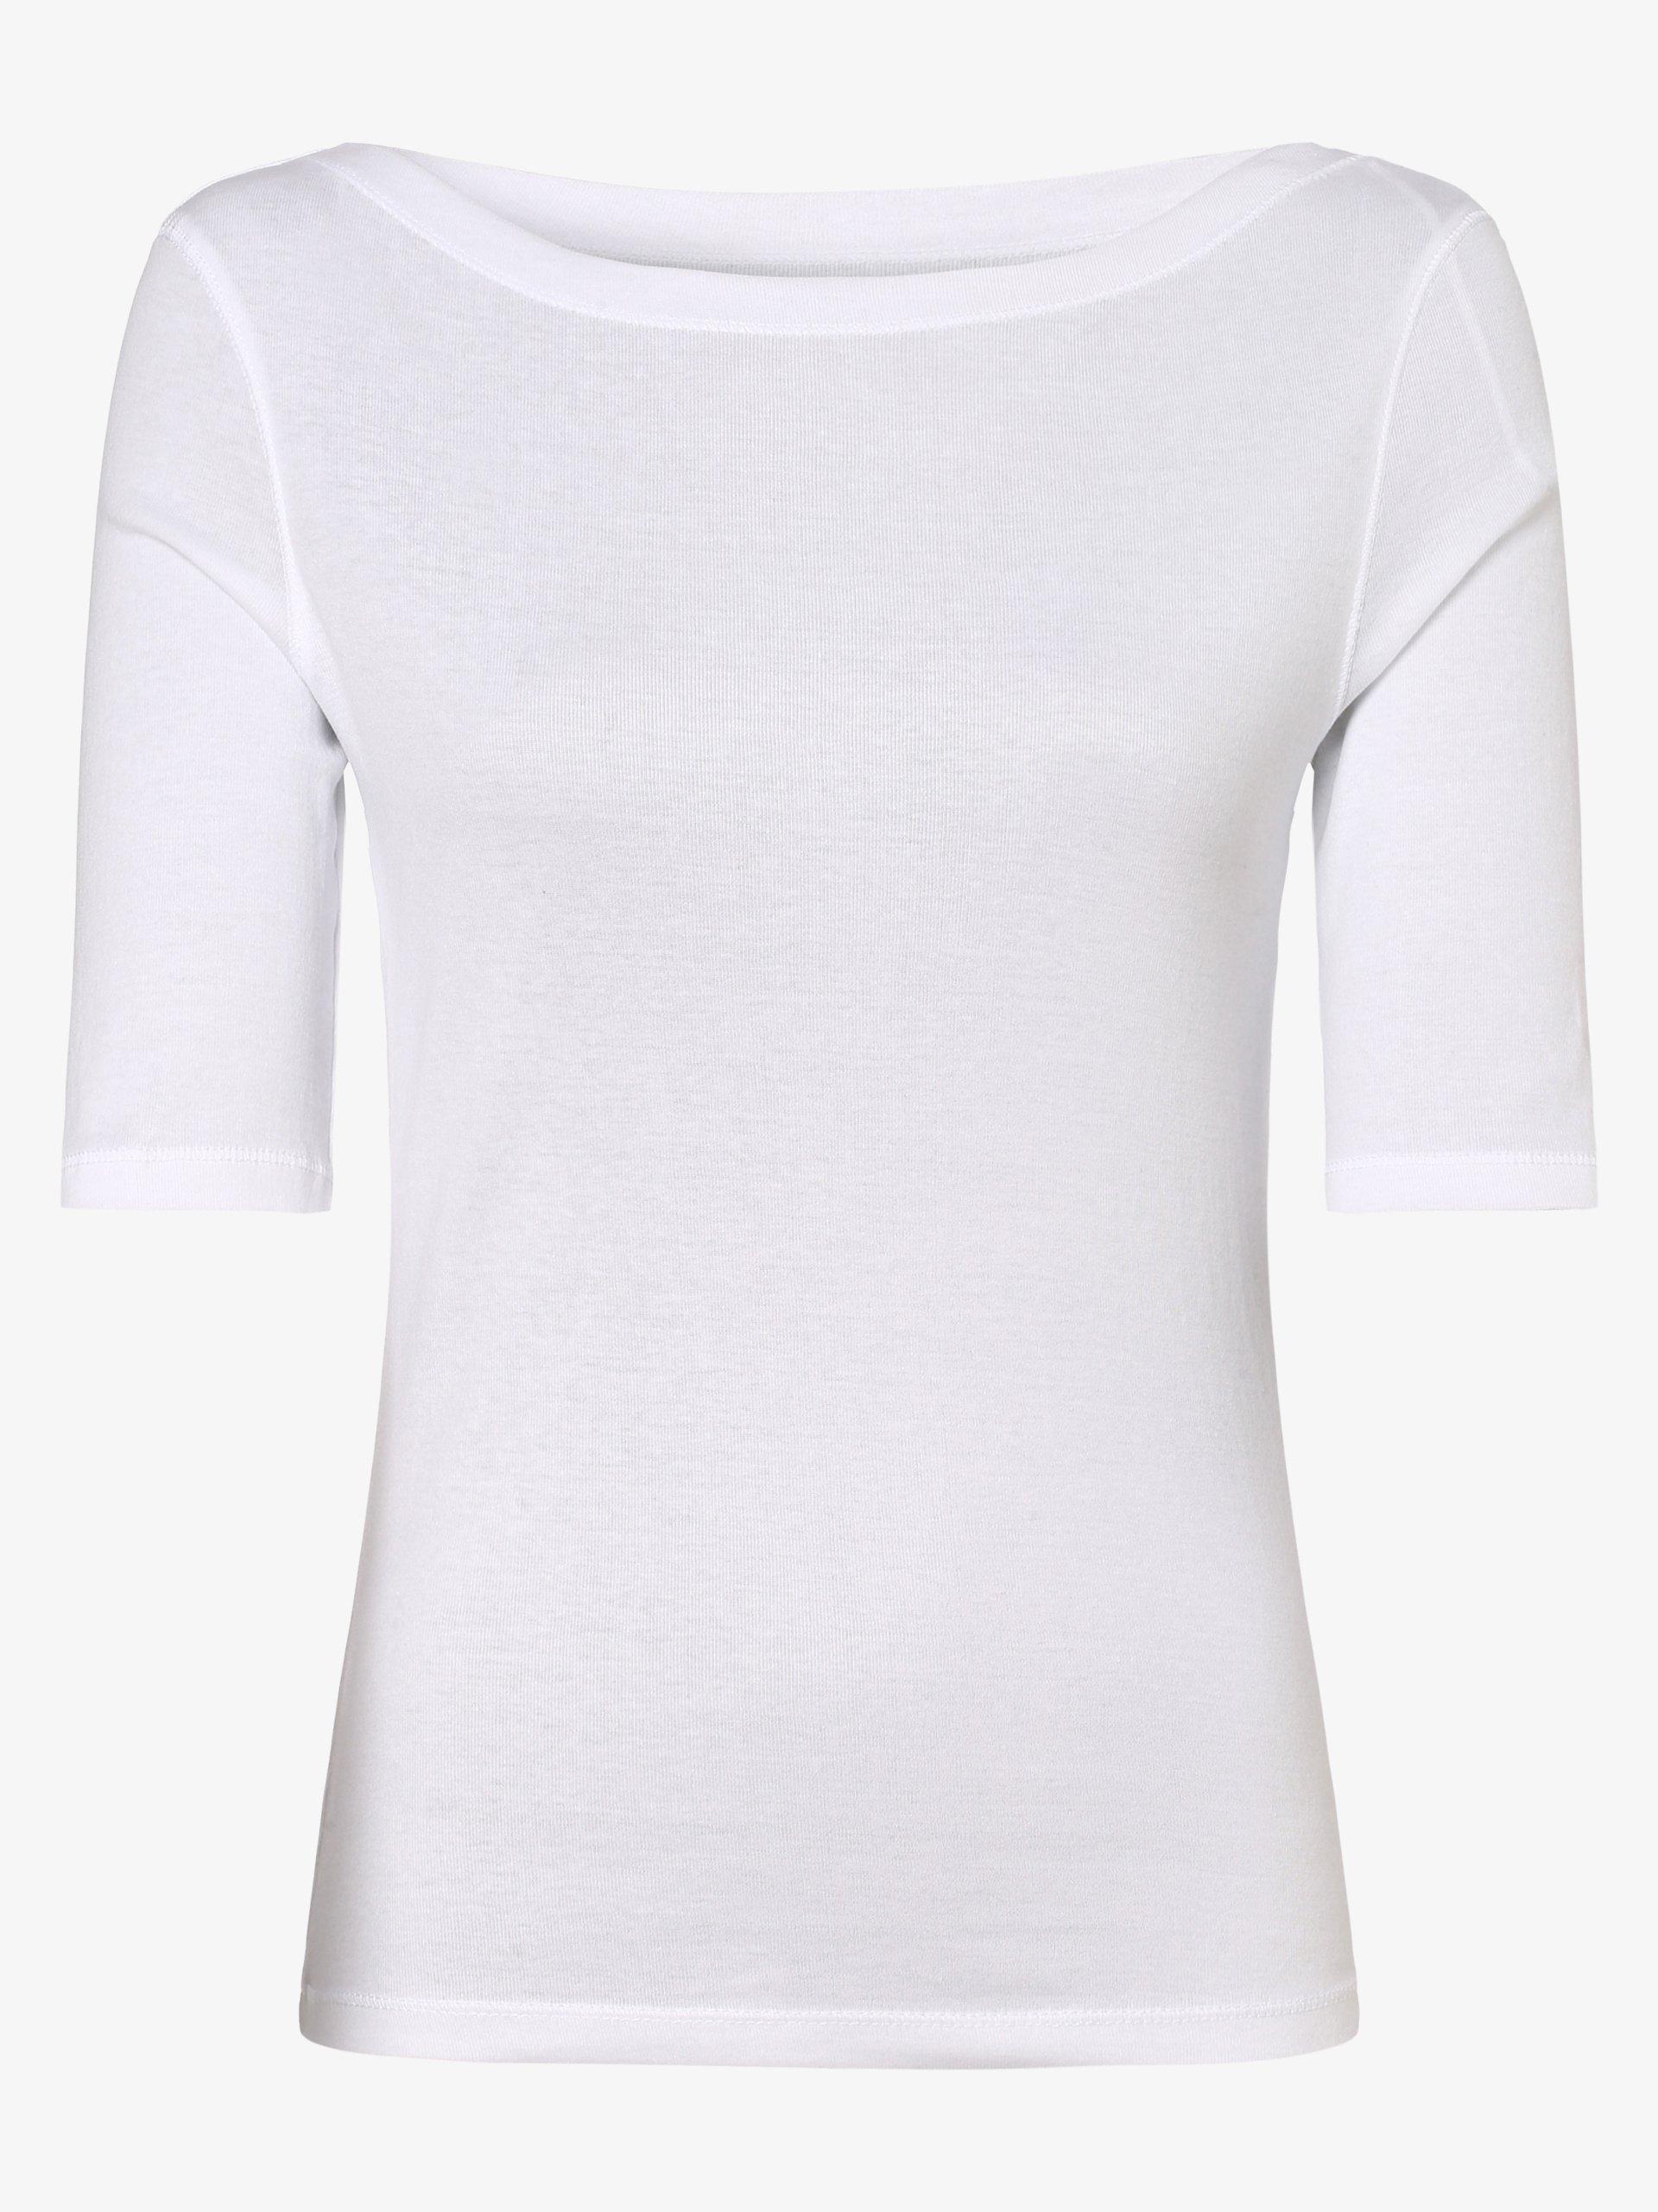 Opus Damen Shirt - Daily G